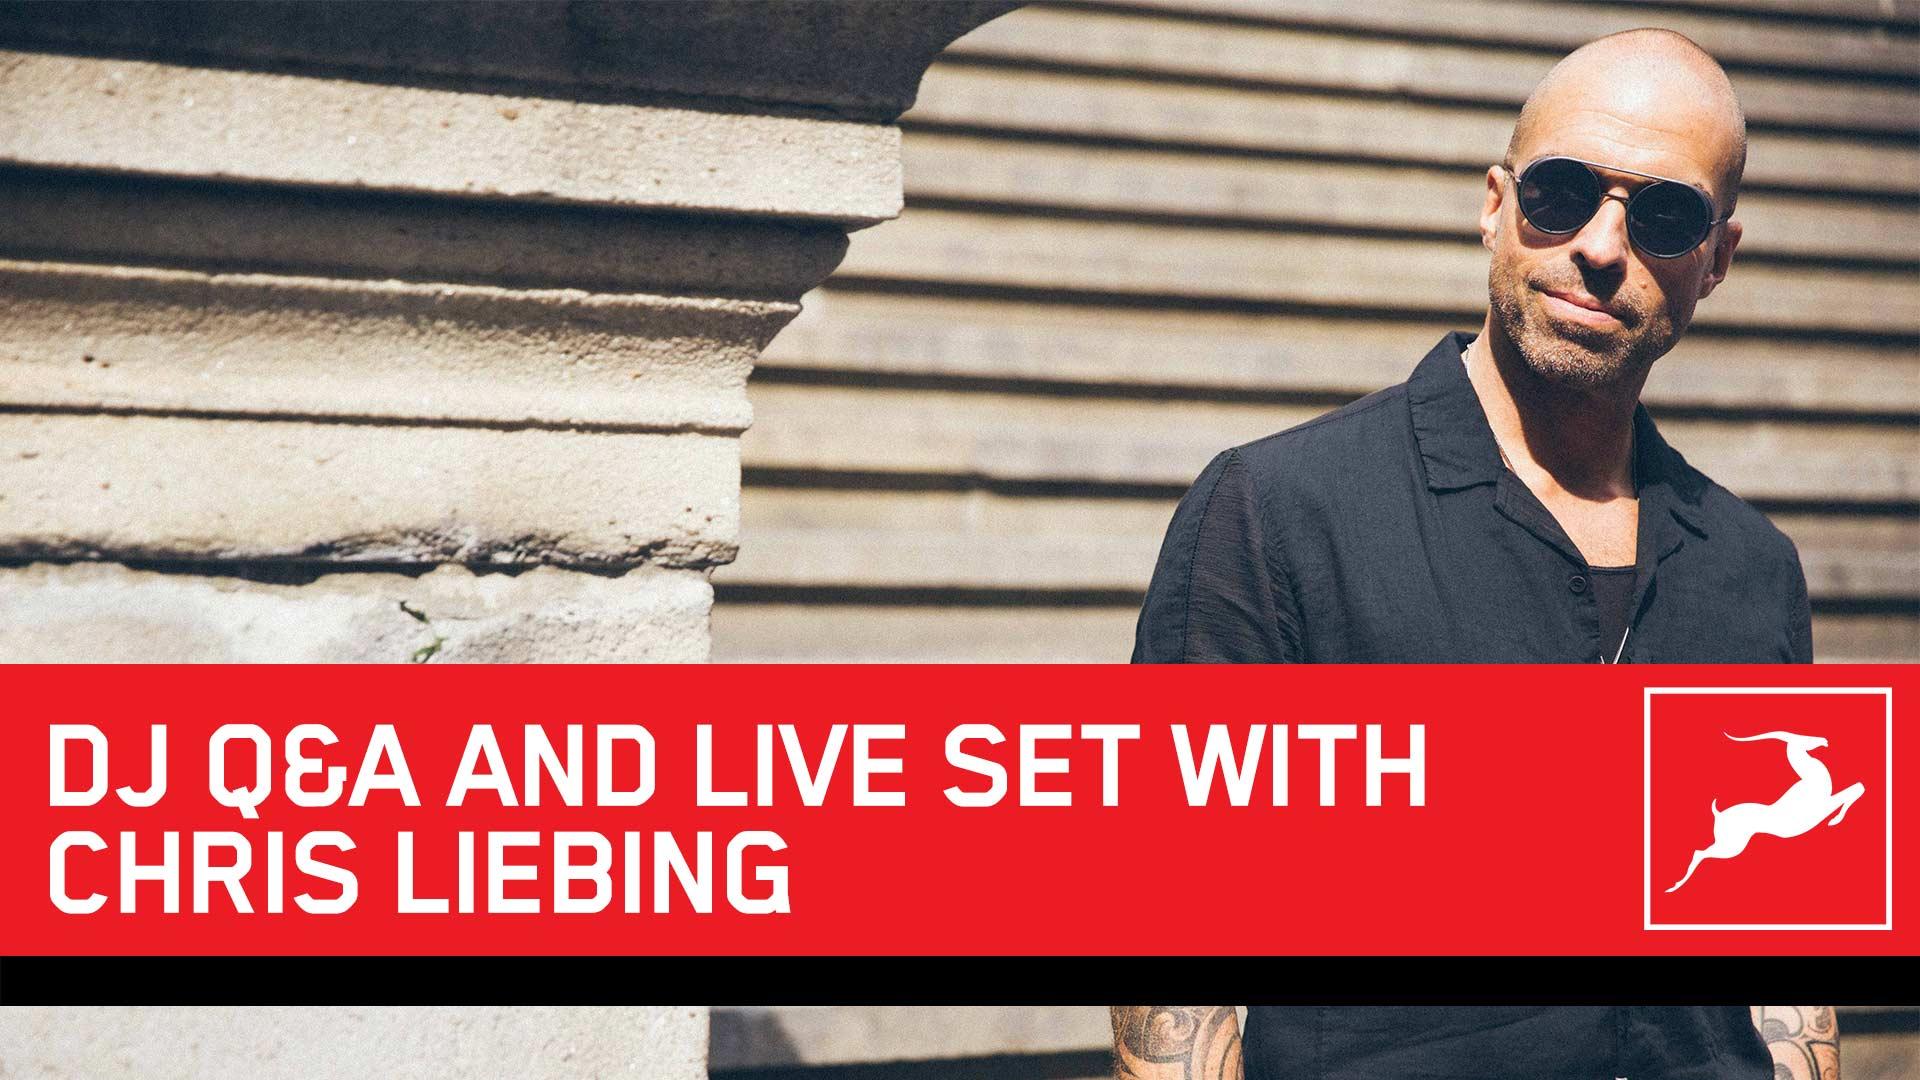 DJ Chris Liebing Live Stream